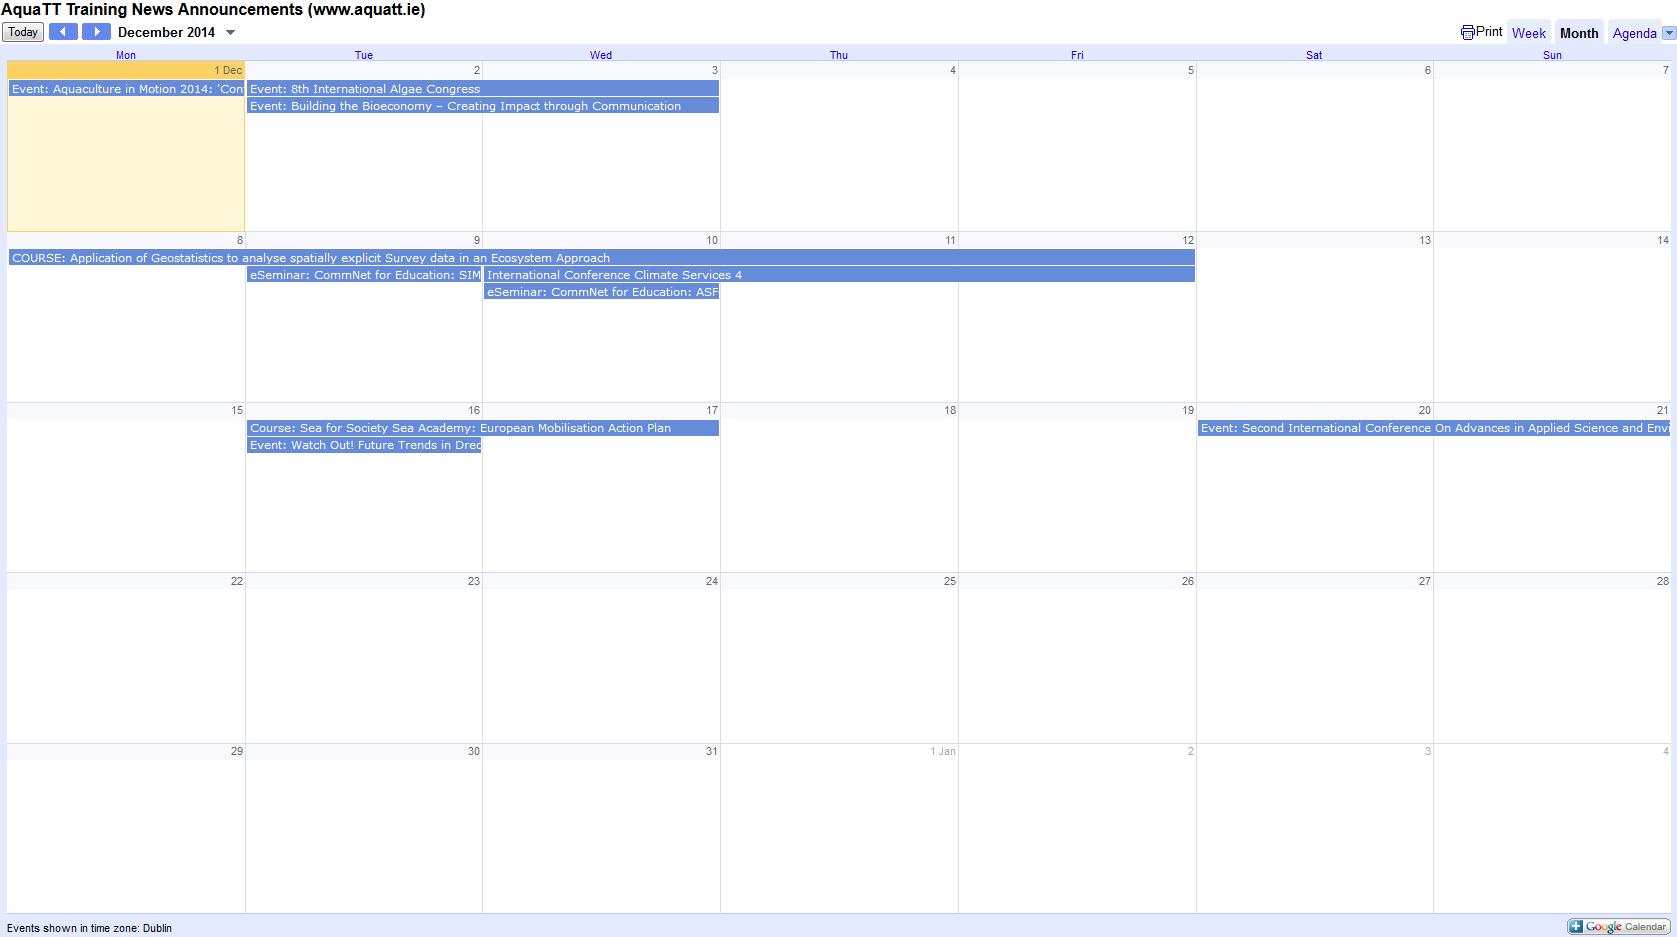 December 2014 Announcements Calendar